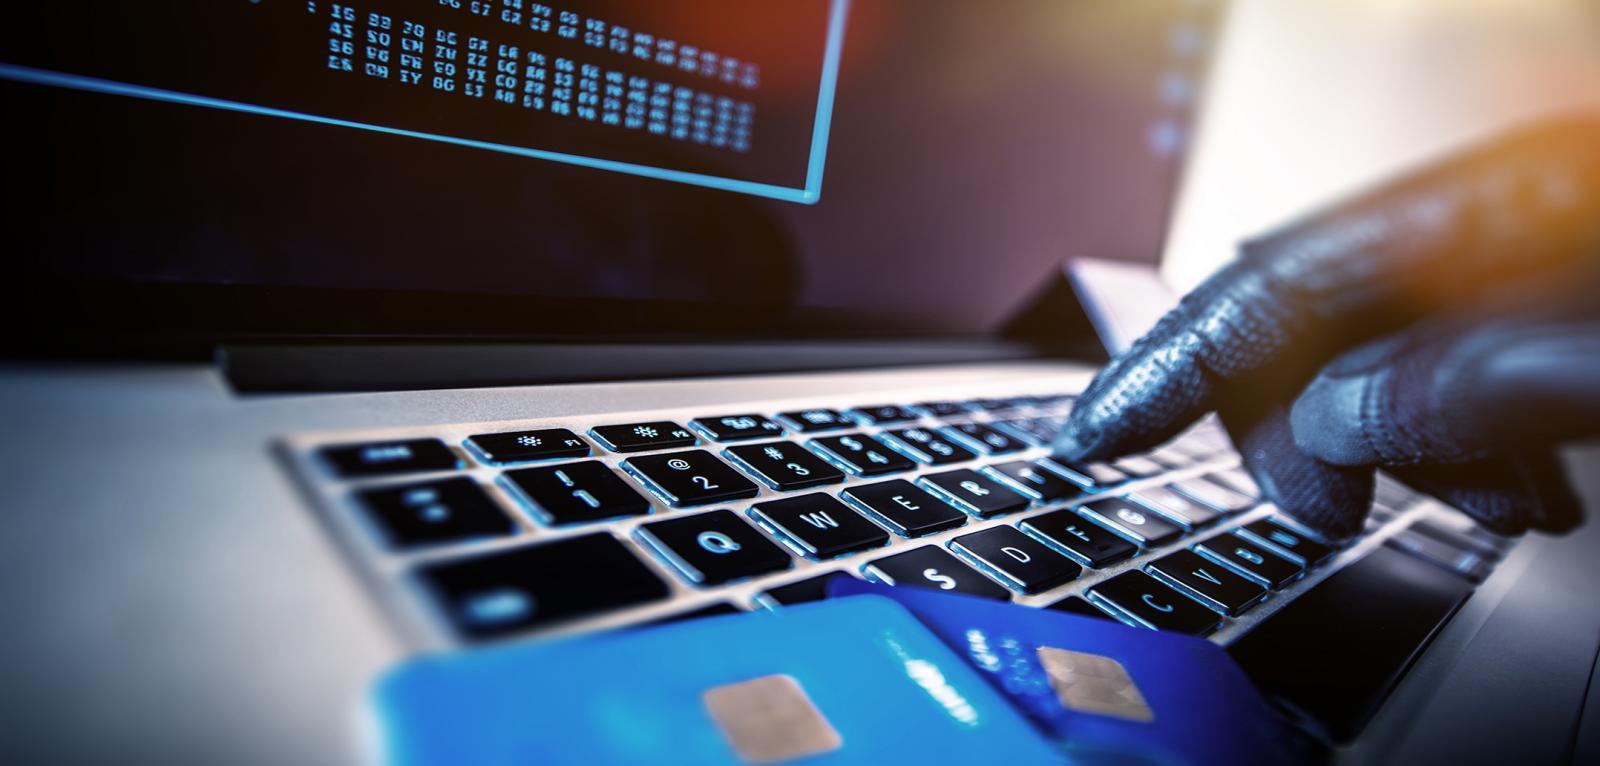 Названы главные способы похищения средств с банковских счетов россиян